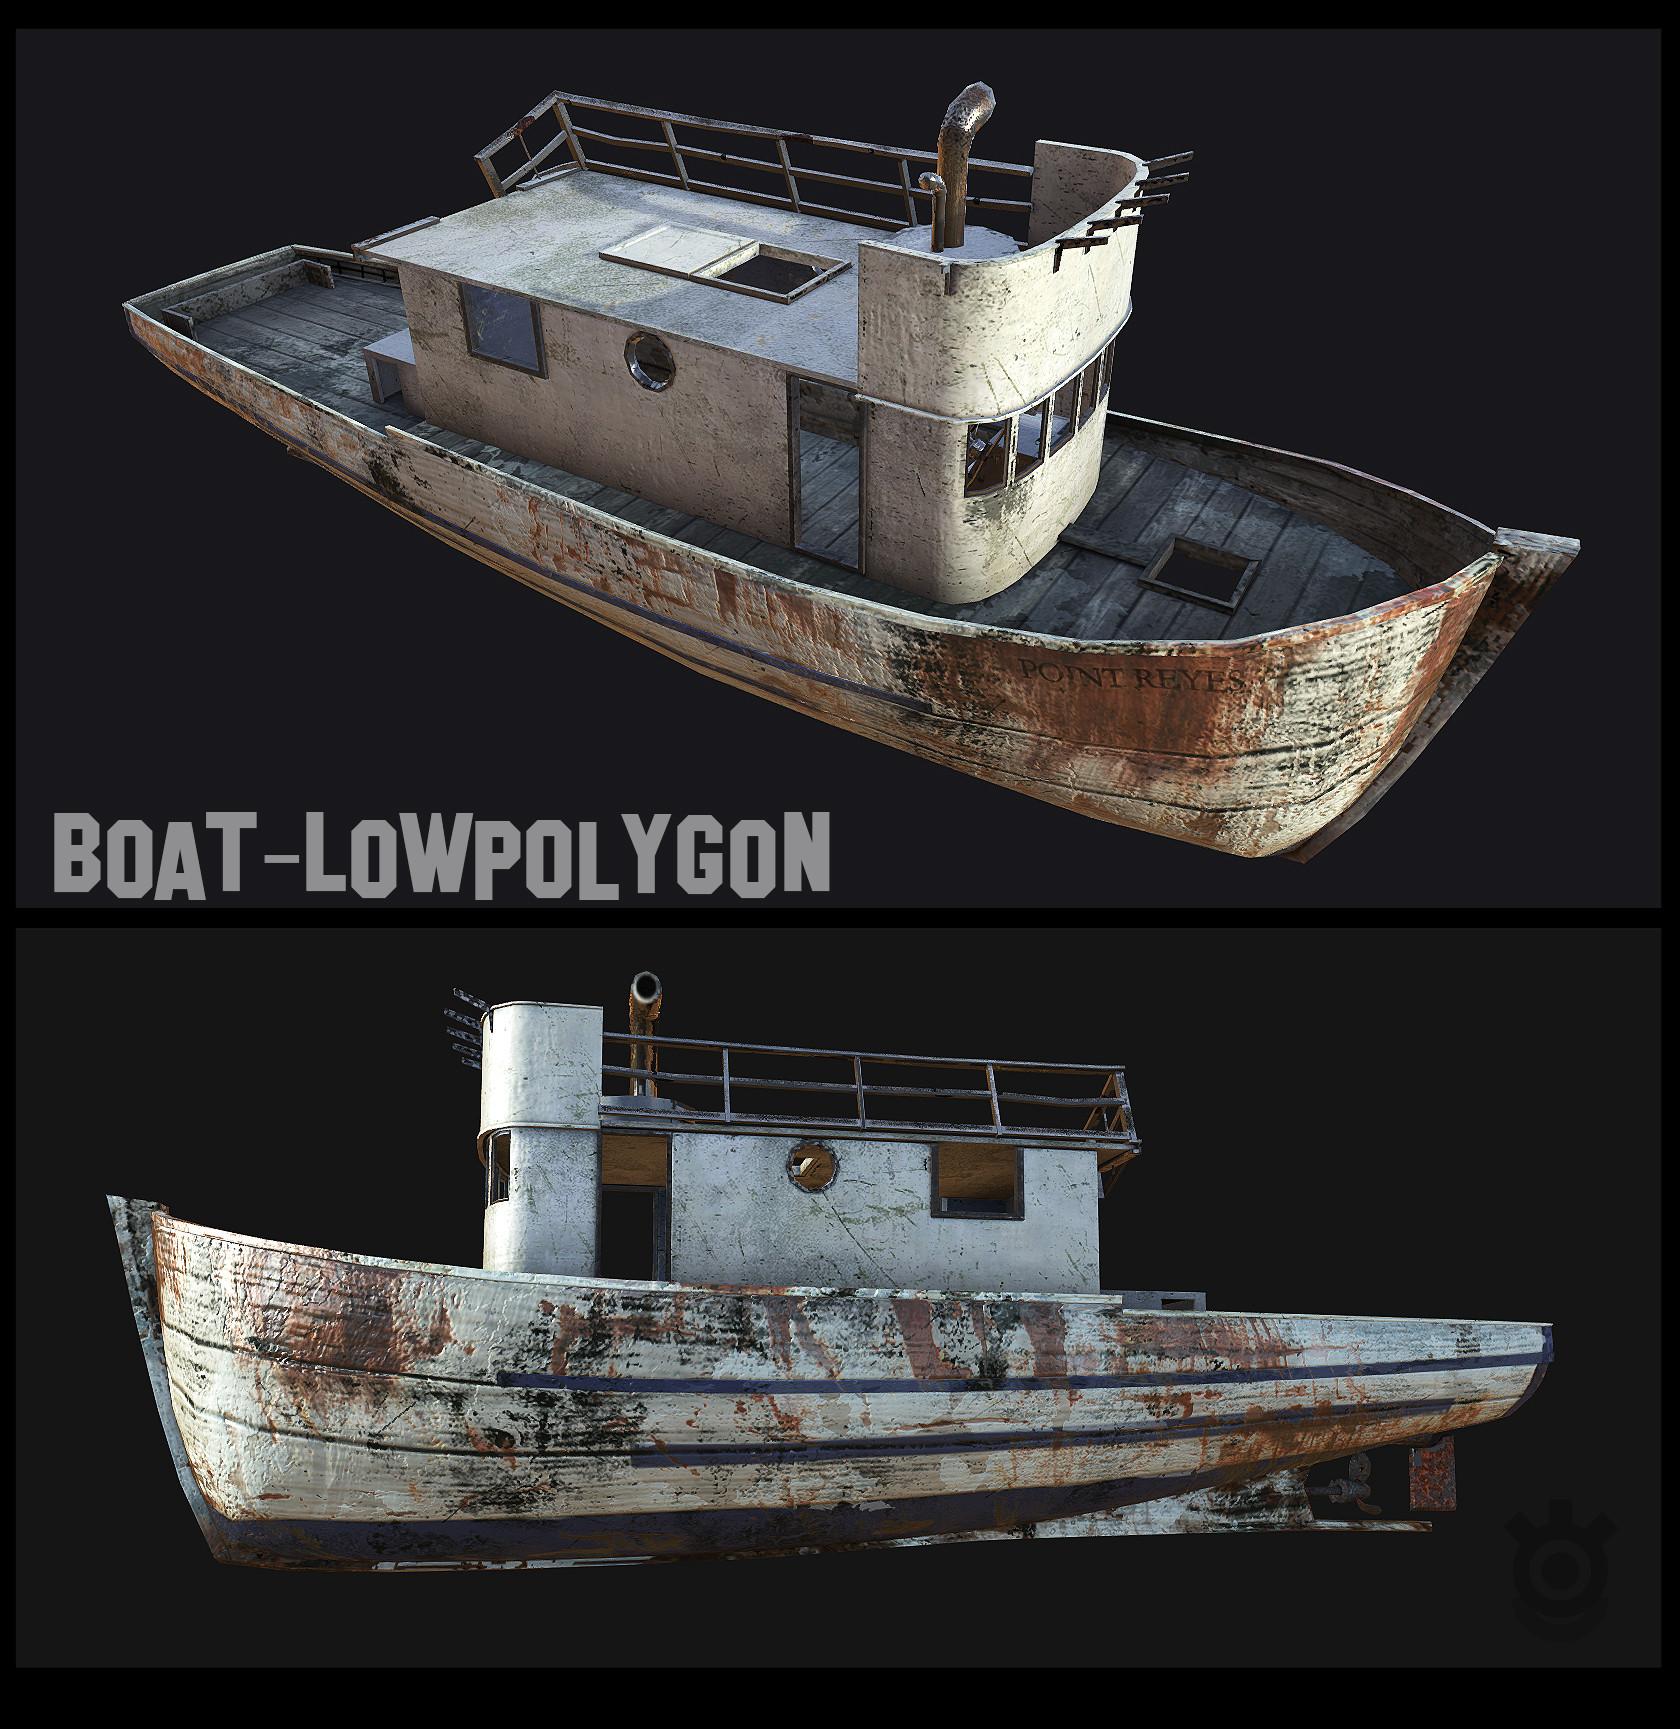 01_Boat_Preview_01-02.jpg